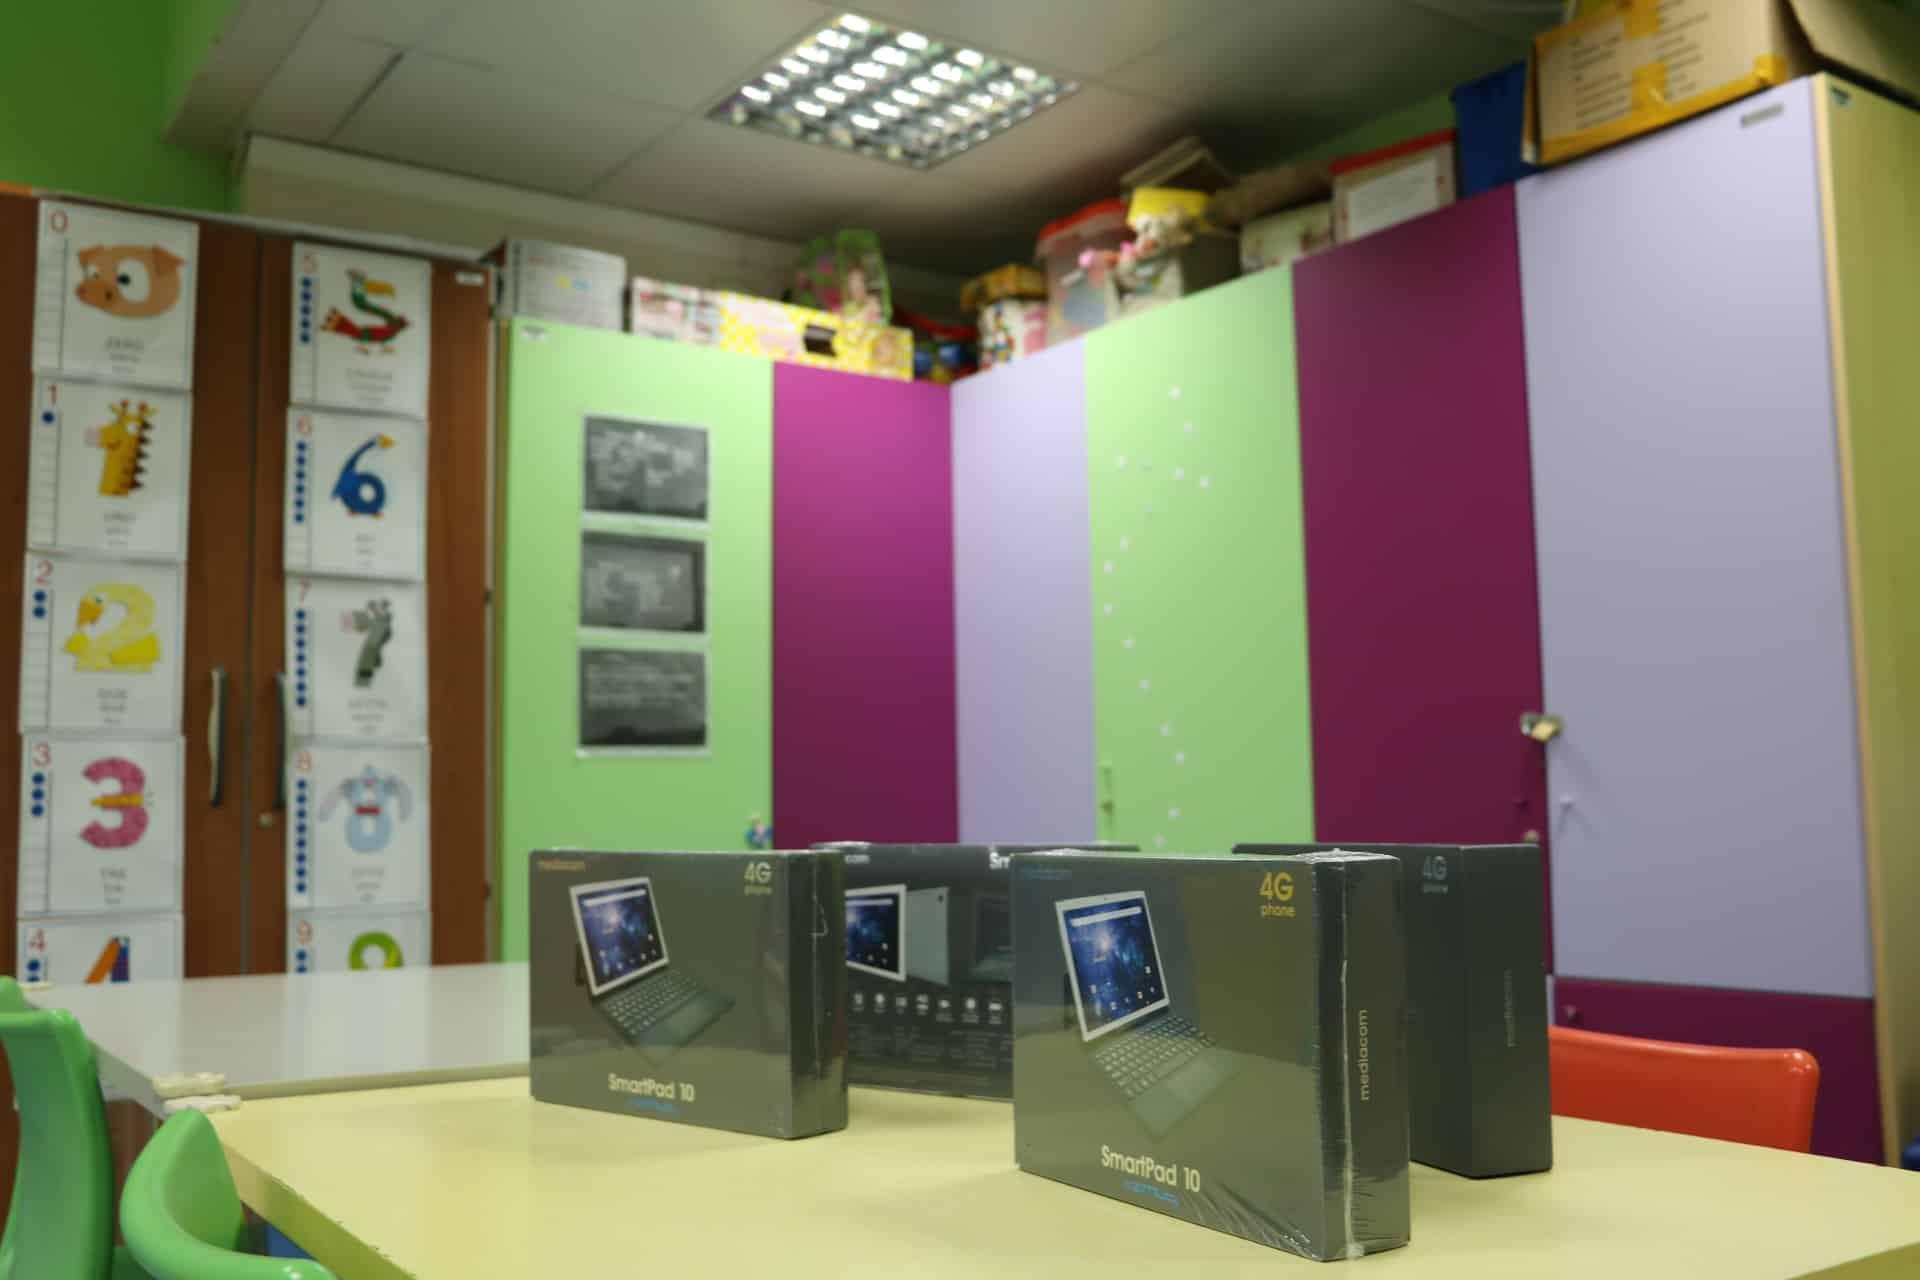 Ospedale Cannizzaro, tablet per didattica a distanza e giochi ai piccoli ricoverati: i doni di Sostare al reparto Pediatria